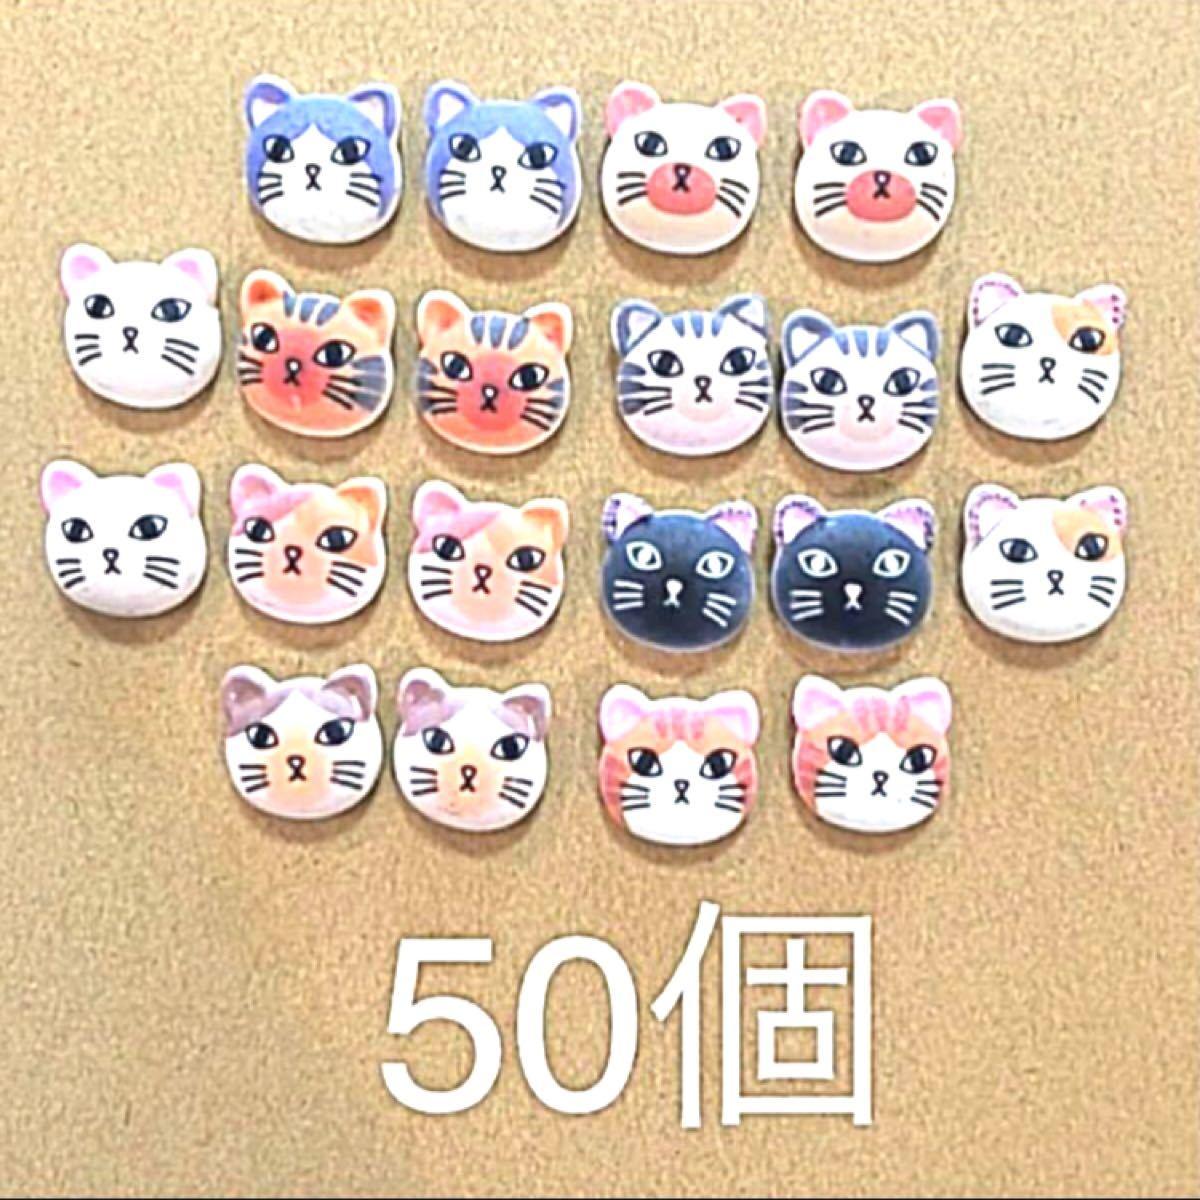 ネコフェイスデコパーツ 50個まとめ売り値下げ